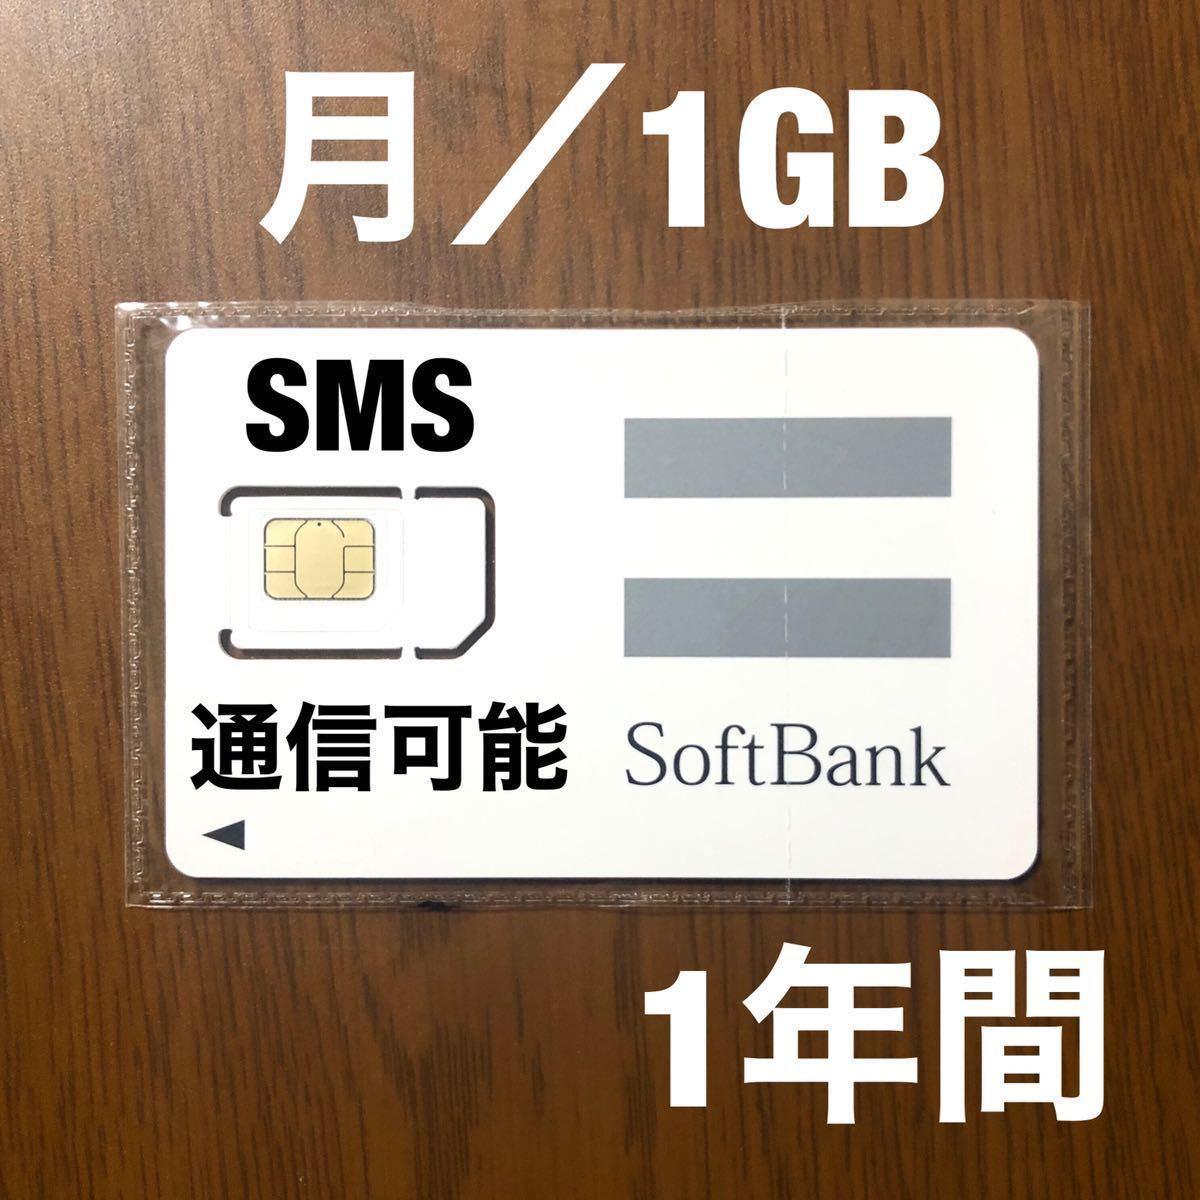 SoftBank 1GB プリペイド データ カード SIM 通信 高速237_画像1